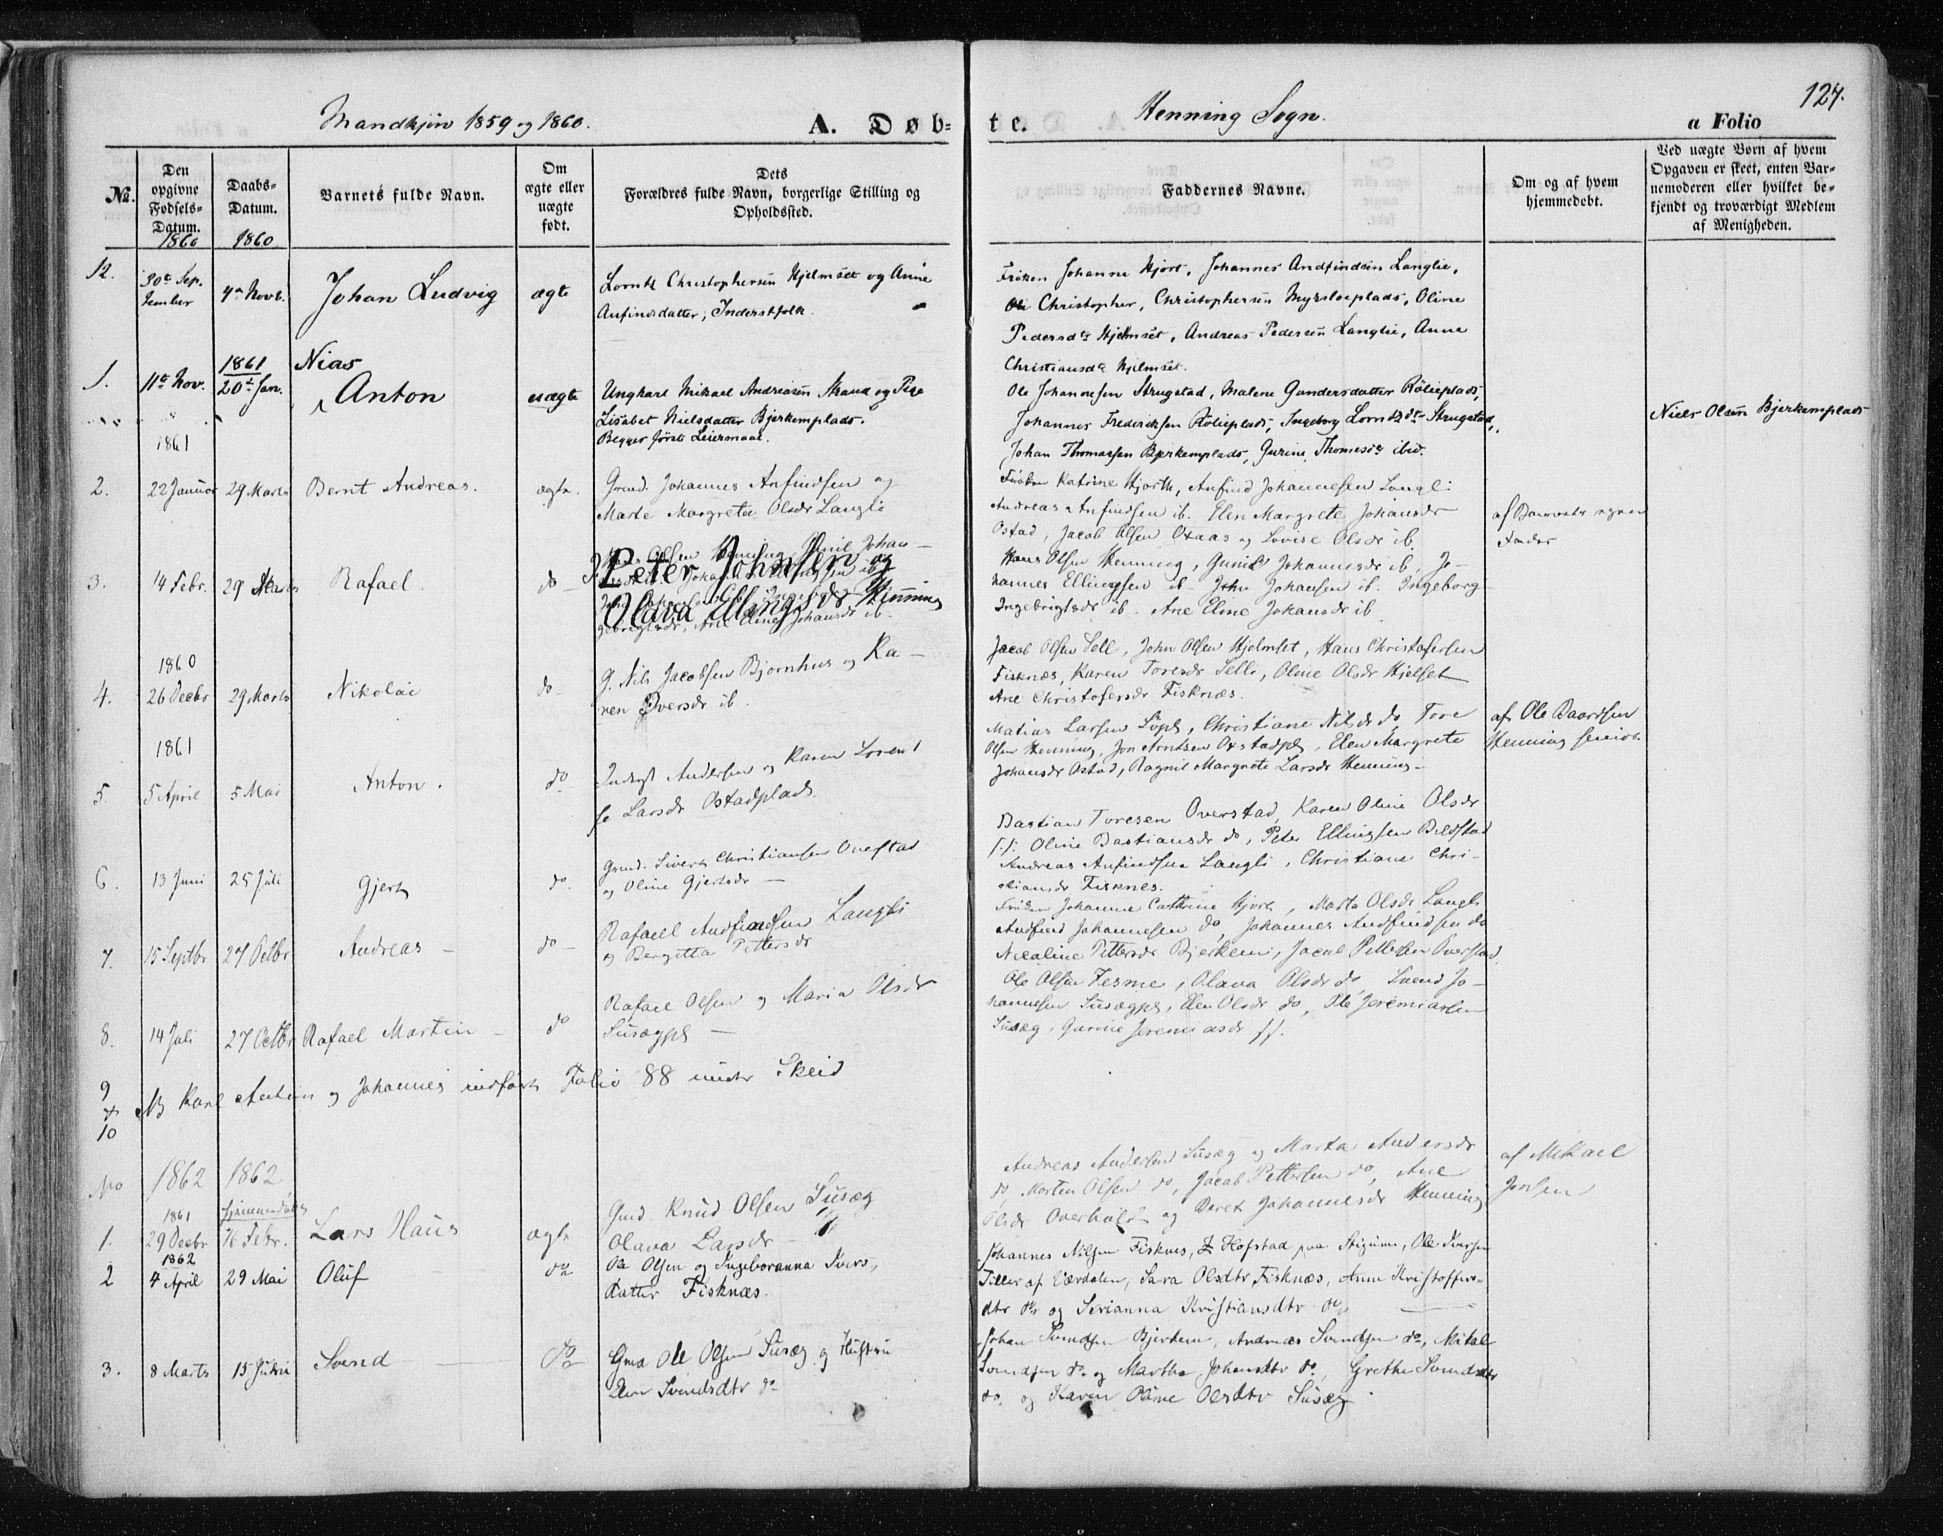 SAT, Ministerialprotokoller, klokkerbøker og fødselsregistre - Nord-Trøndelag, 735/L0342: Ministerialbok nr. 735A07 /3, 1849-1862, s. 124